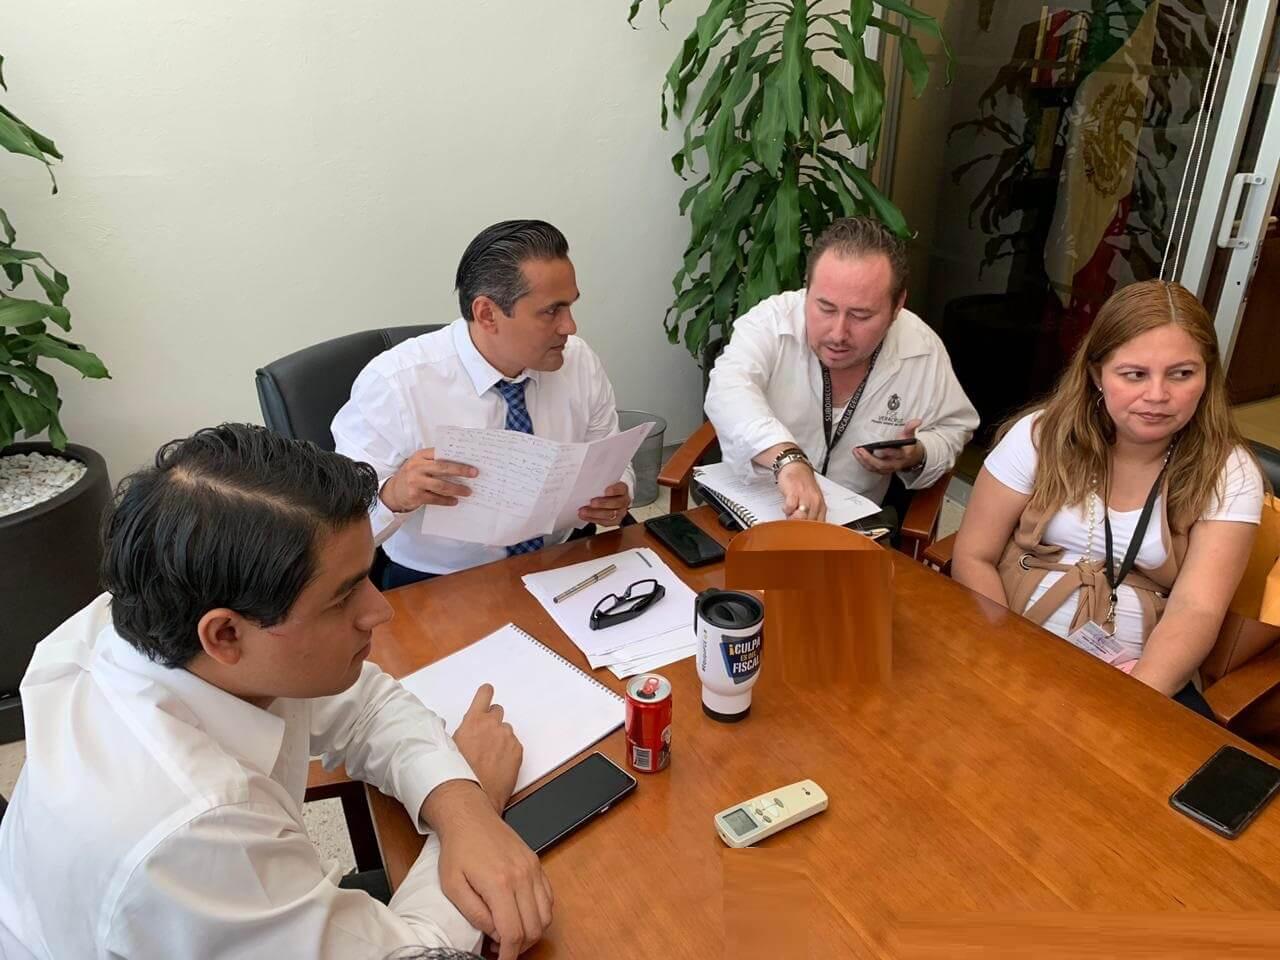 El Fiscal General del Estado, Jorge Winckler Ortiz sostuvo una reunión de trabajo en la cual fueron expuestos los avances en las indagatorias que obran en poder de cada una de las instancias, atendiendo los rubros de feminicidios, secuestros, atención de declaratorias por Alerta de Género, observaciones del ORFIS y reforzamiento de acciones operativas tácticas, entre otros.